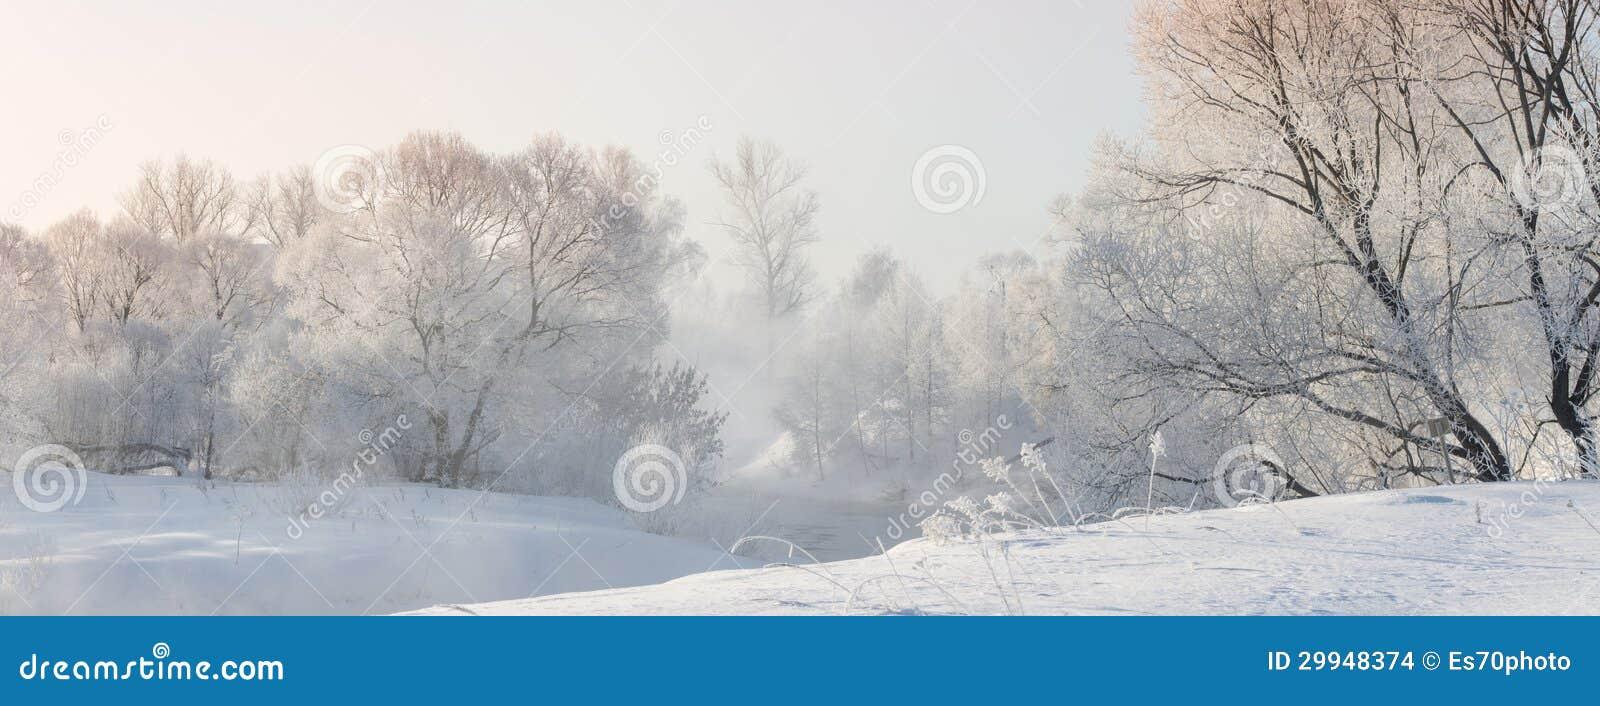 Winterbäume nahe einem Fluss, der mit Hoar am Morgen bedeckt wurde, beleuchteten mit